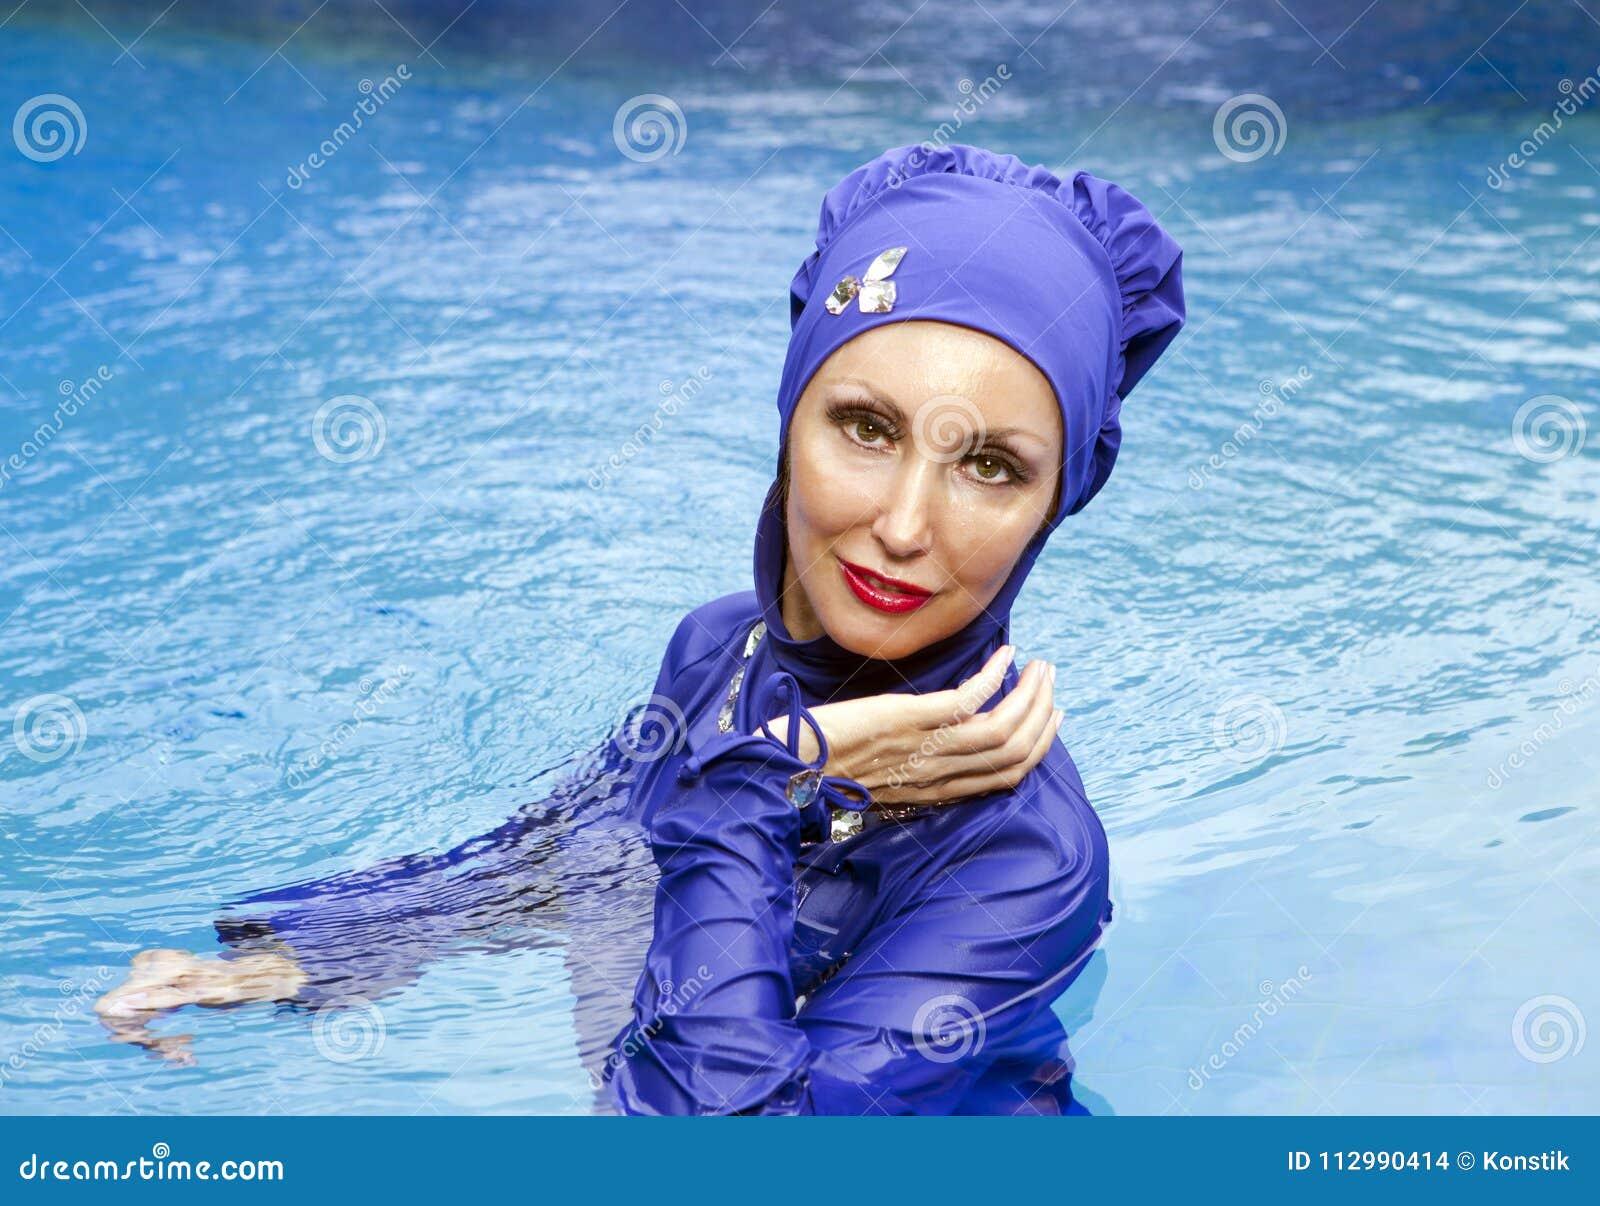 Attractive woman in a Muslim swimwear burkini in the sea